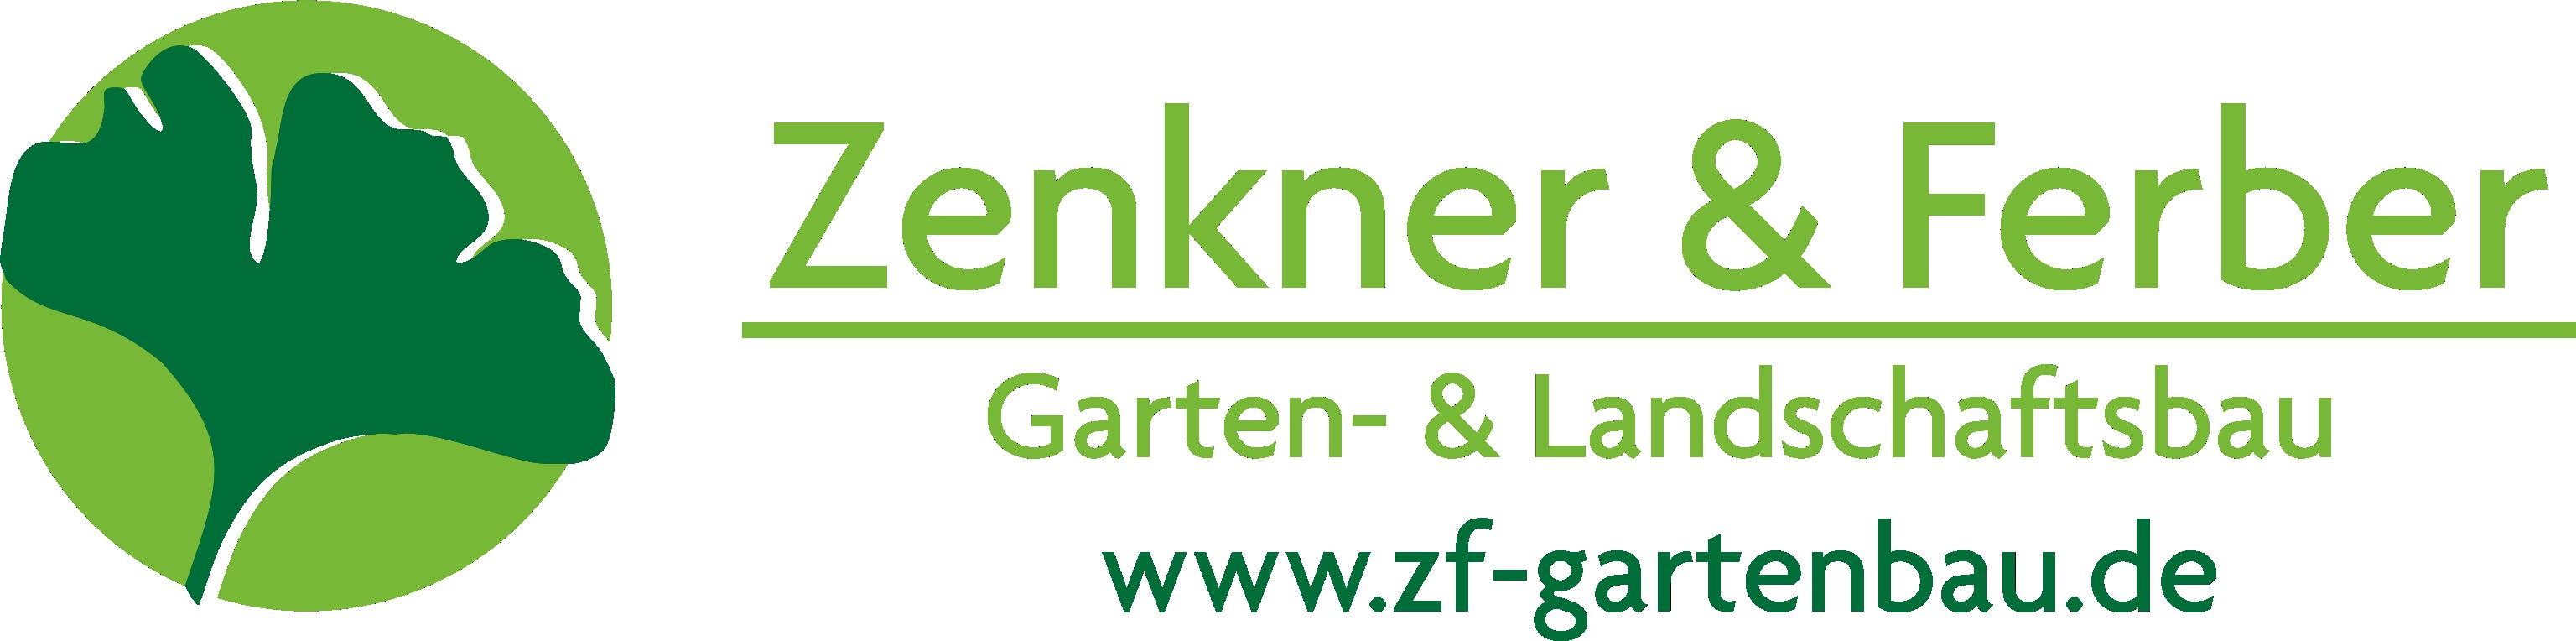 Zenkner & Ferber | Garten- und Landschaftsbauer in Gevelsberg